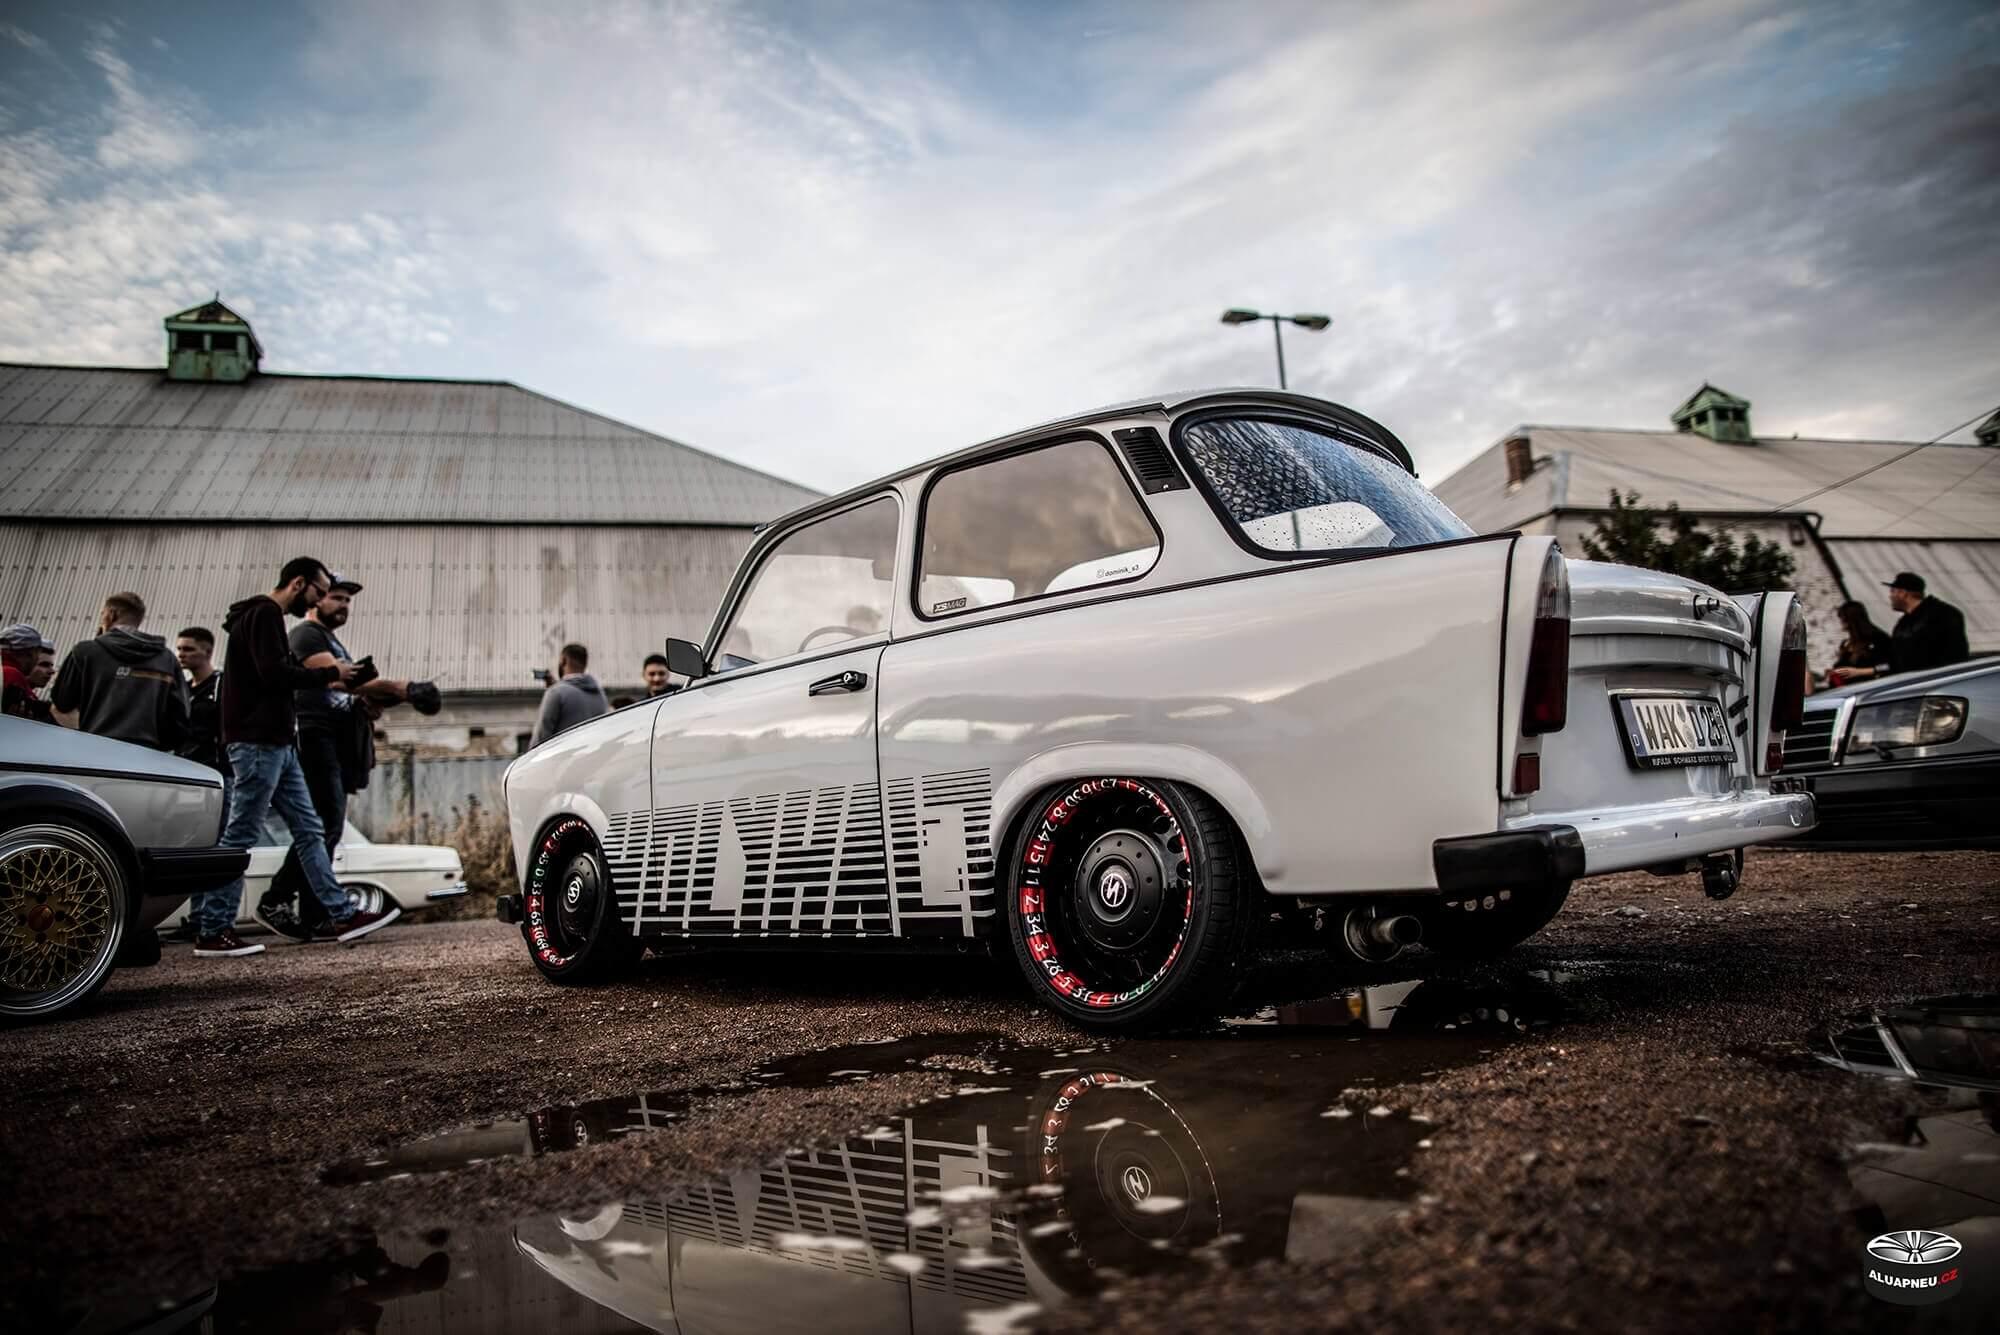 Trabant 601 - roulette wheels - alu kola - XS Classic Carnight 5.0 - Drážďany tuning sraz 2019 - www.aluapneu.cz